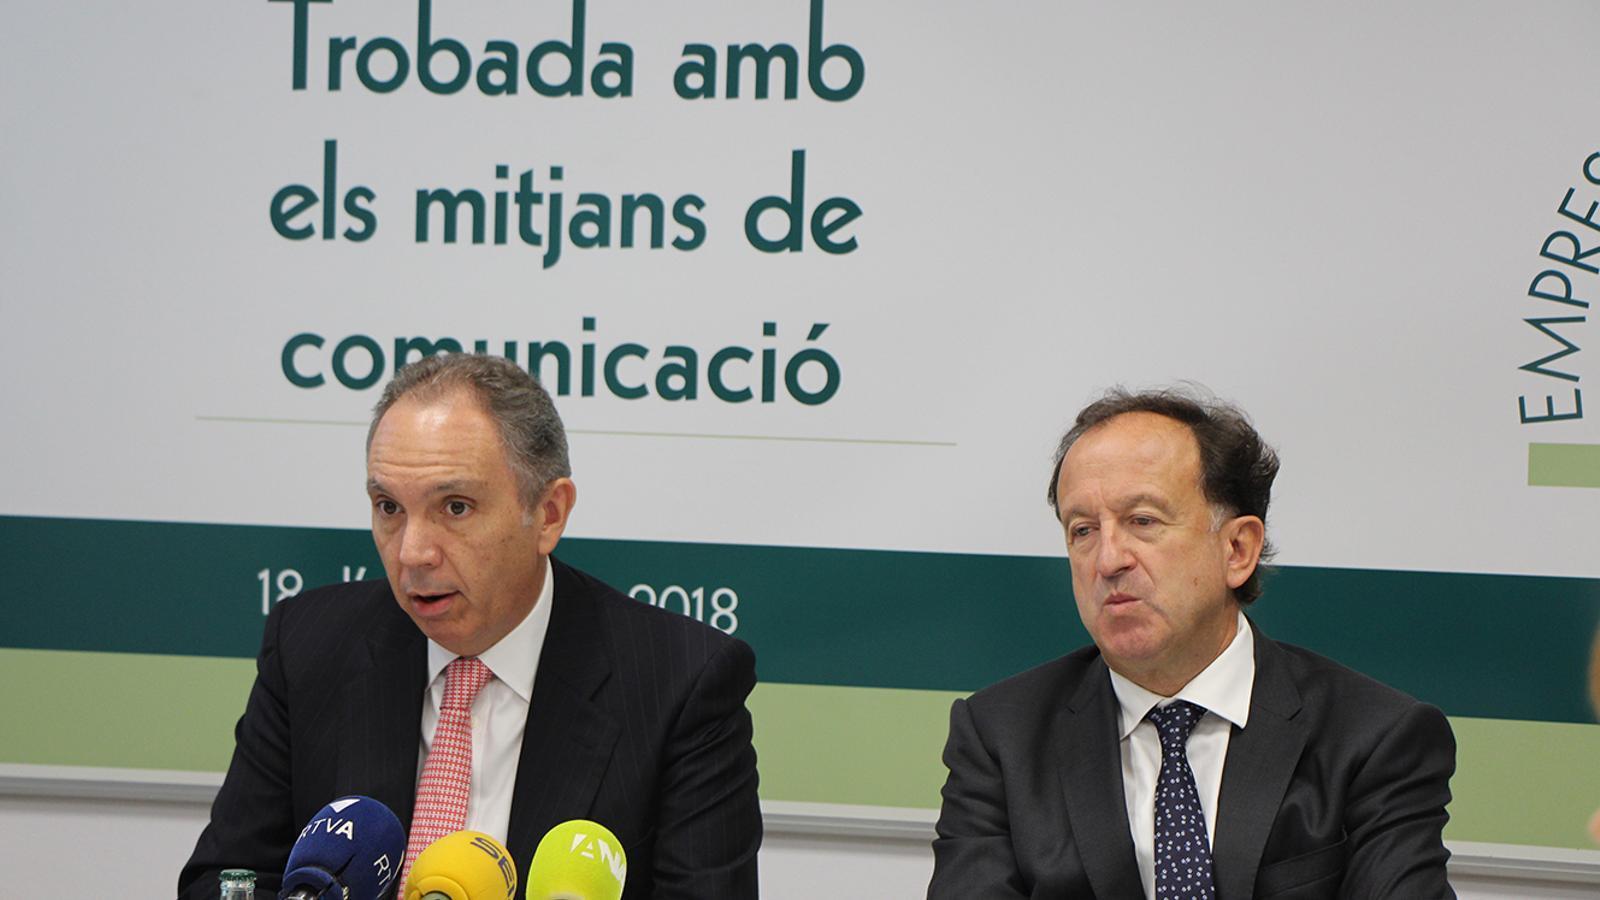 El president i el secretari tècnic de l'Empresa Familiar Andorrana (EFA), Francesc Mora i Joan Tomàs durant la roda de premsa d'aquest dijous. / B. N-